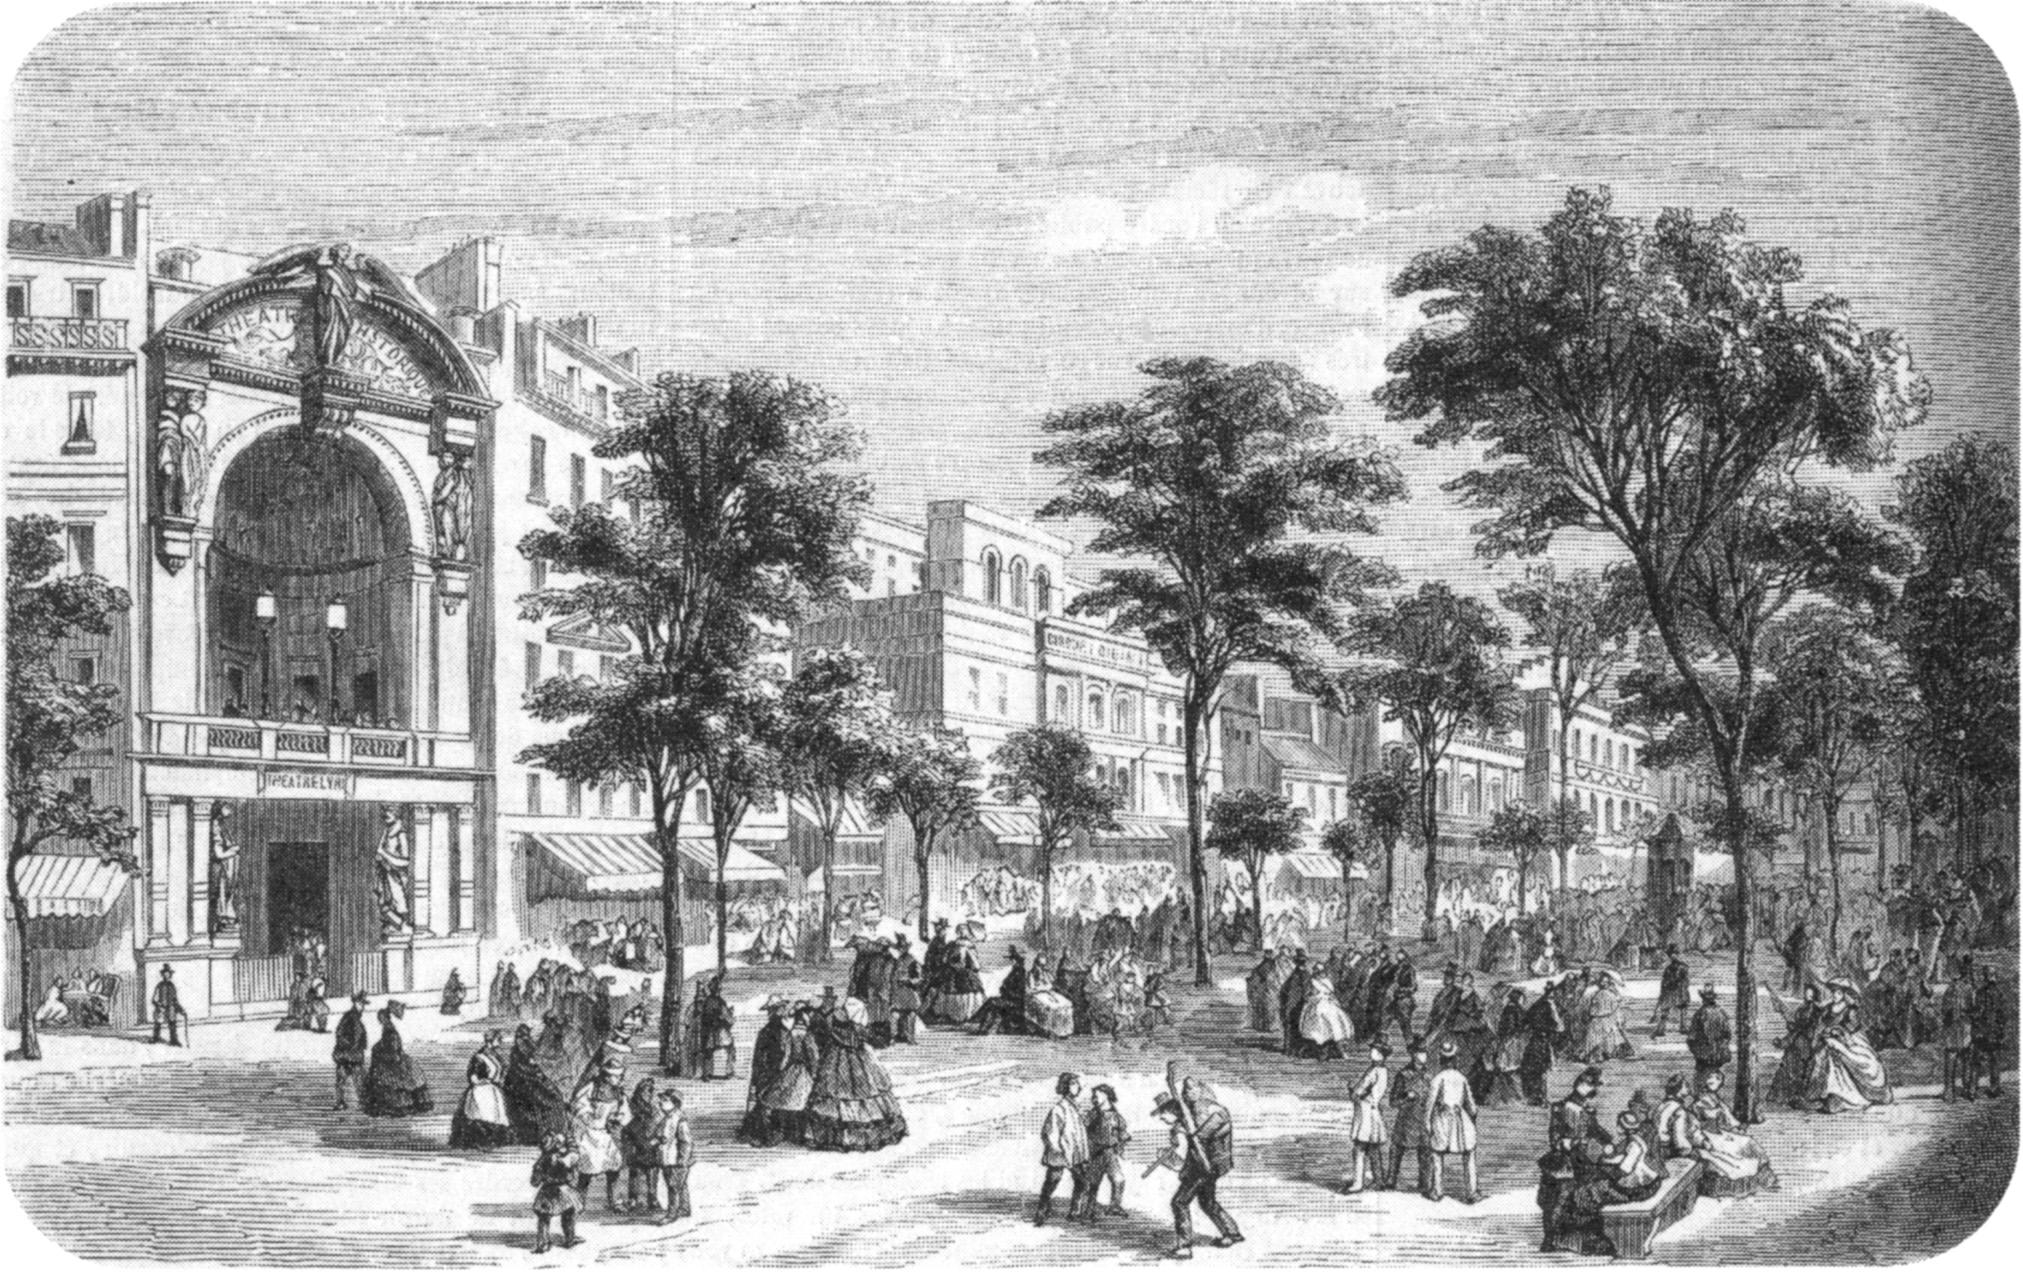 El Théâtre Historique de París, una de las sedes de la compañía del Théâtre Lyrique, en 1862.